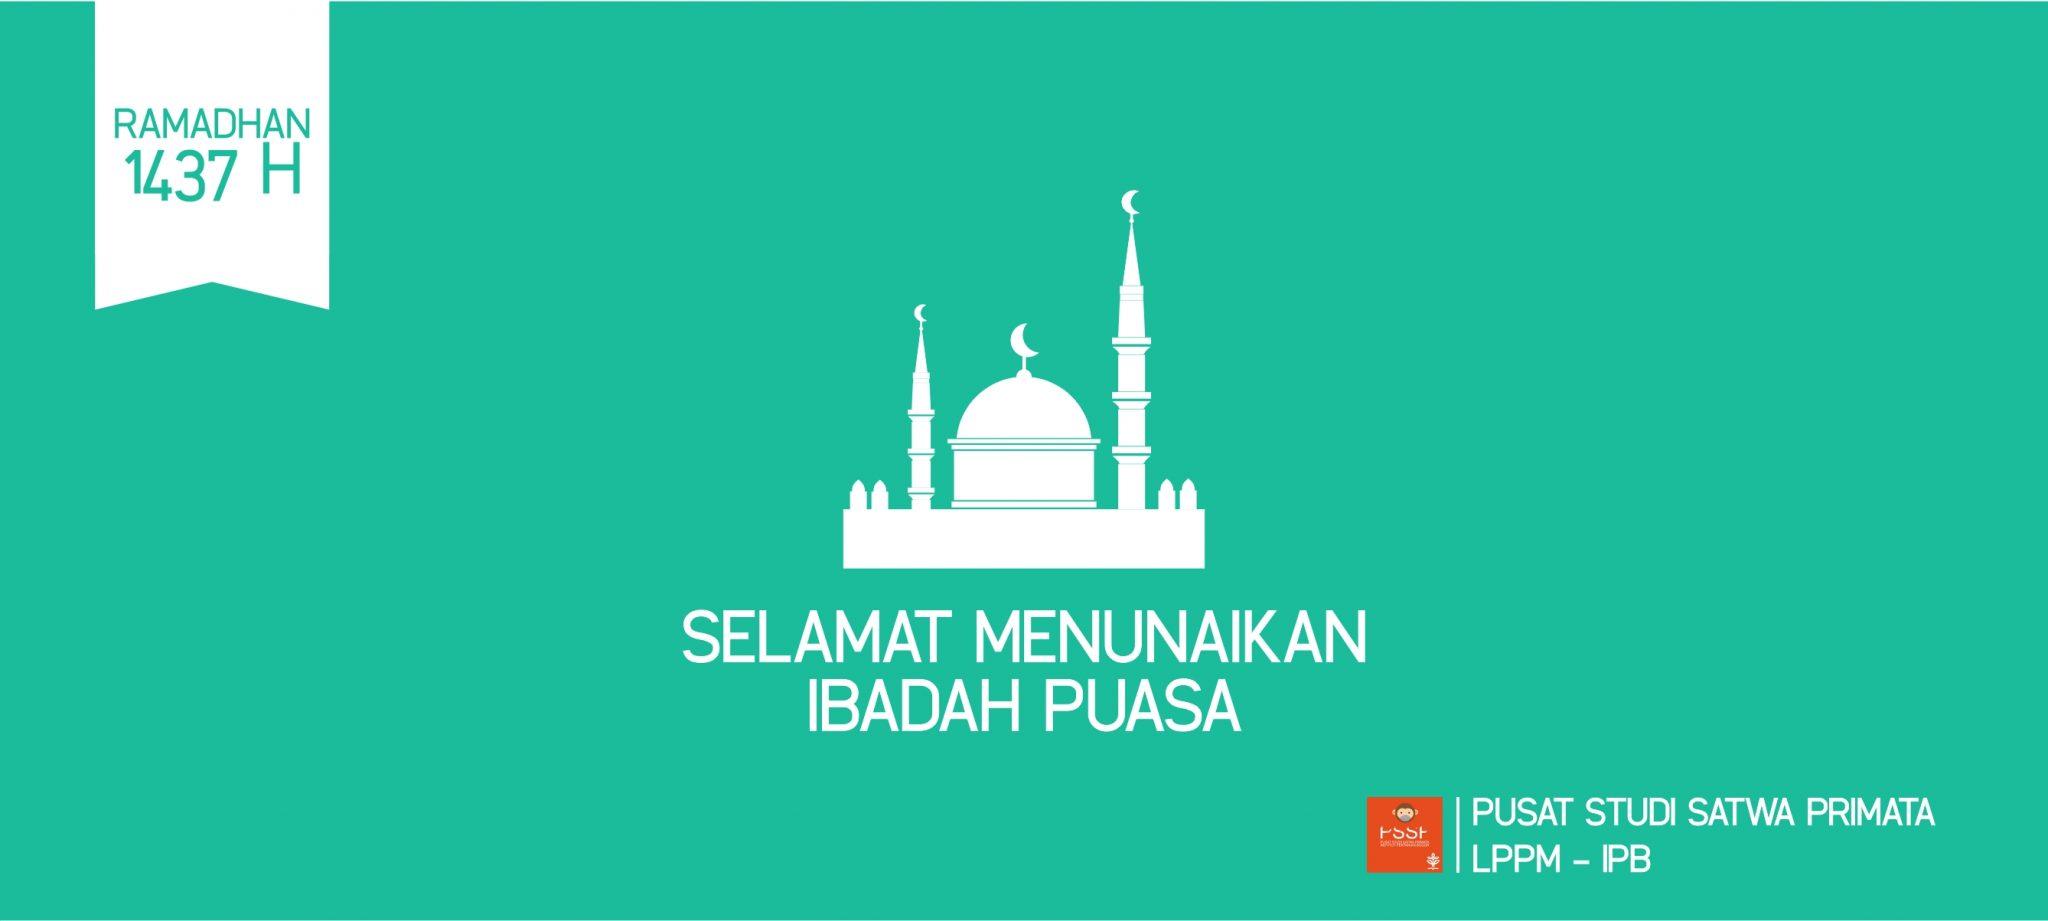 Selamat Menunaikan Ibadah Puasa Ramadhan 1437 H